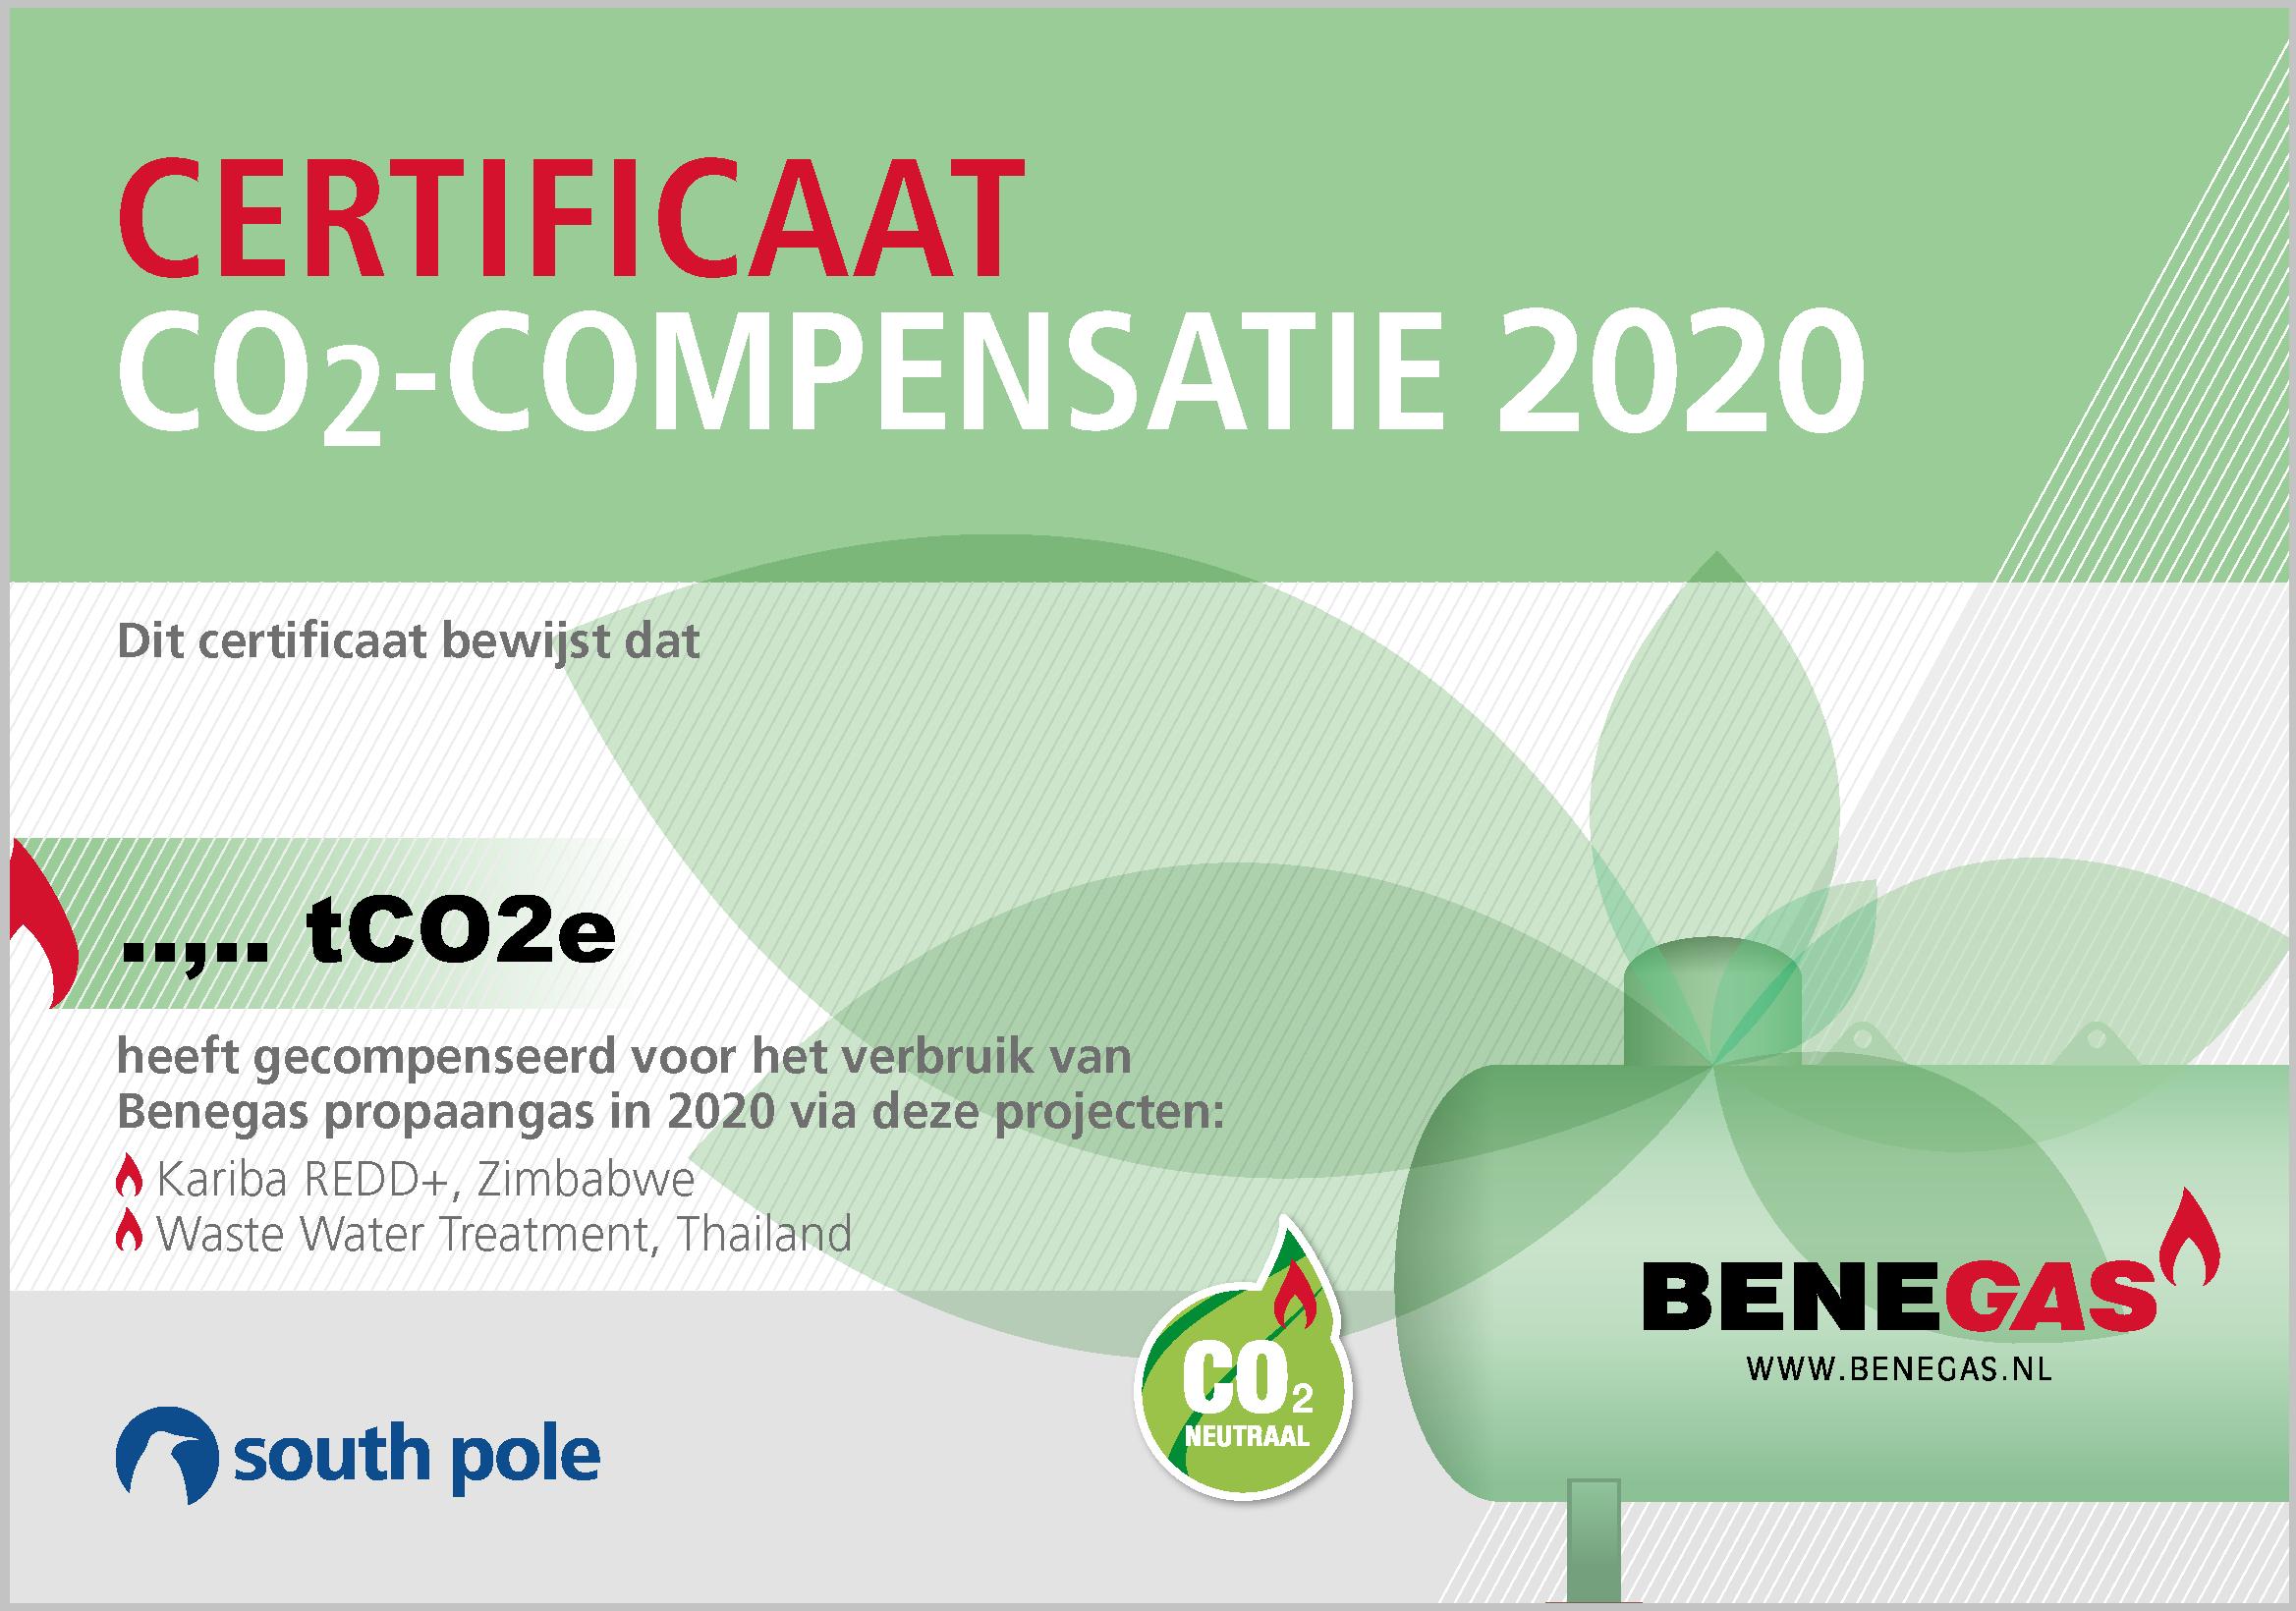 CO2 certificaat